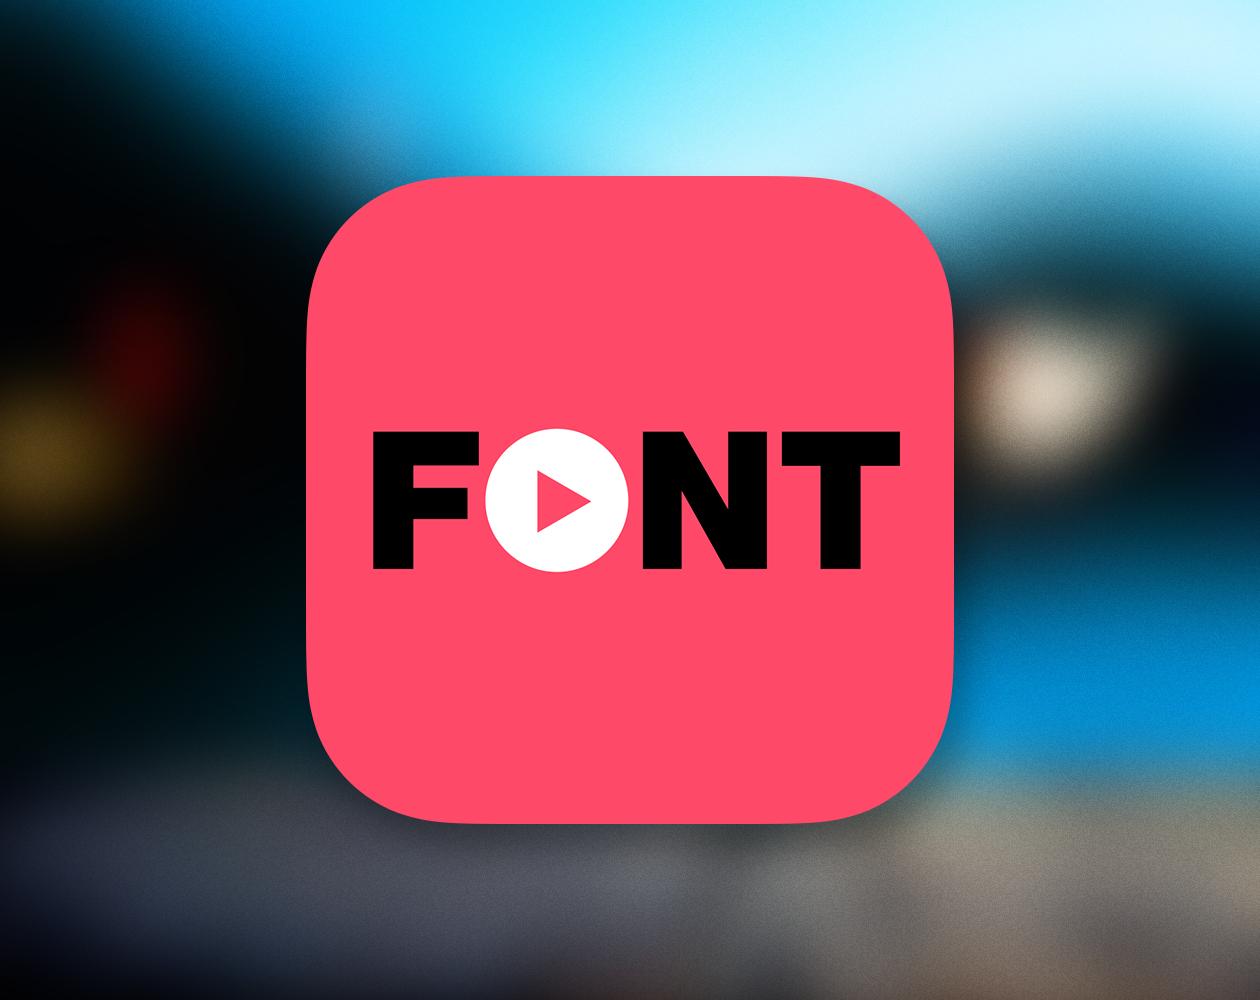 Fontspiration для iOS —создавайте креативные гифки самостоятельно